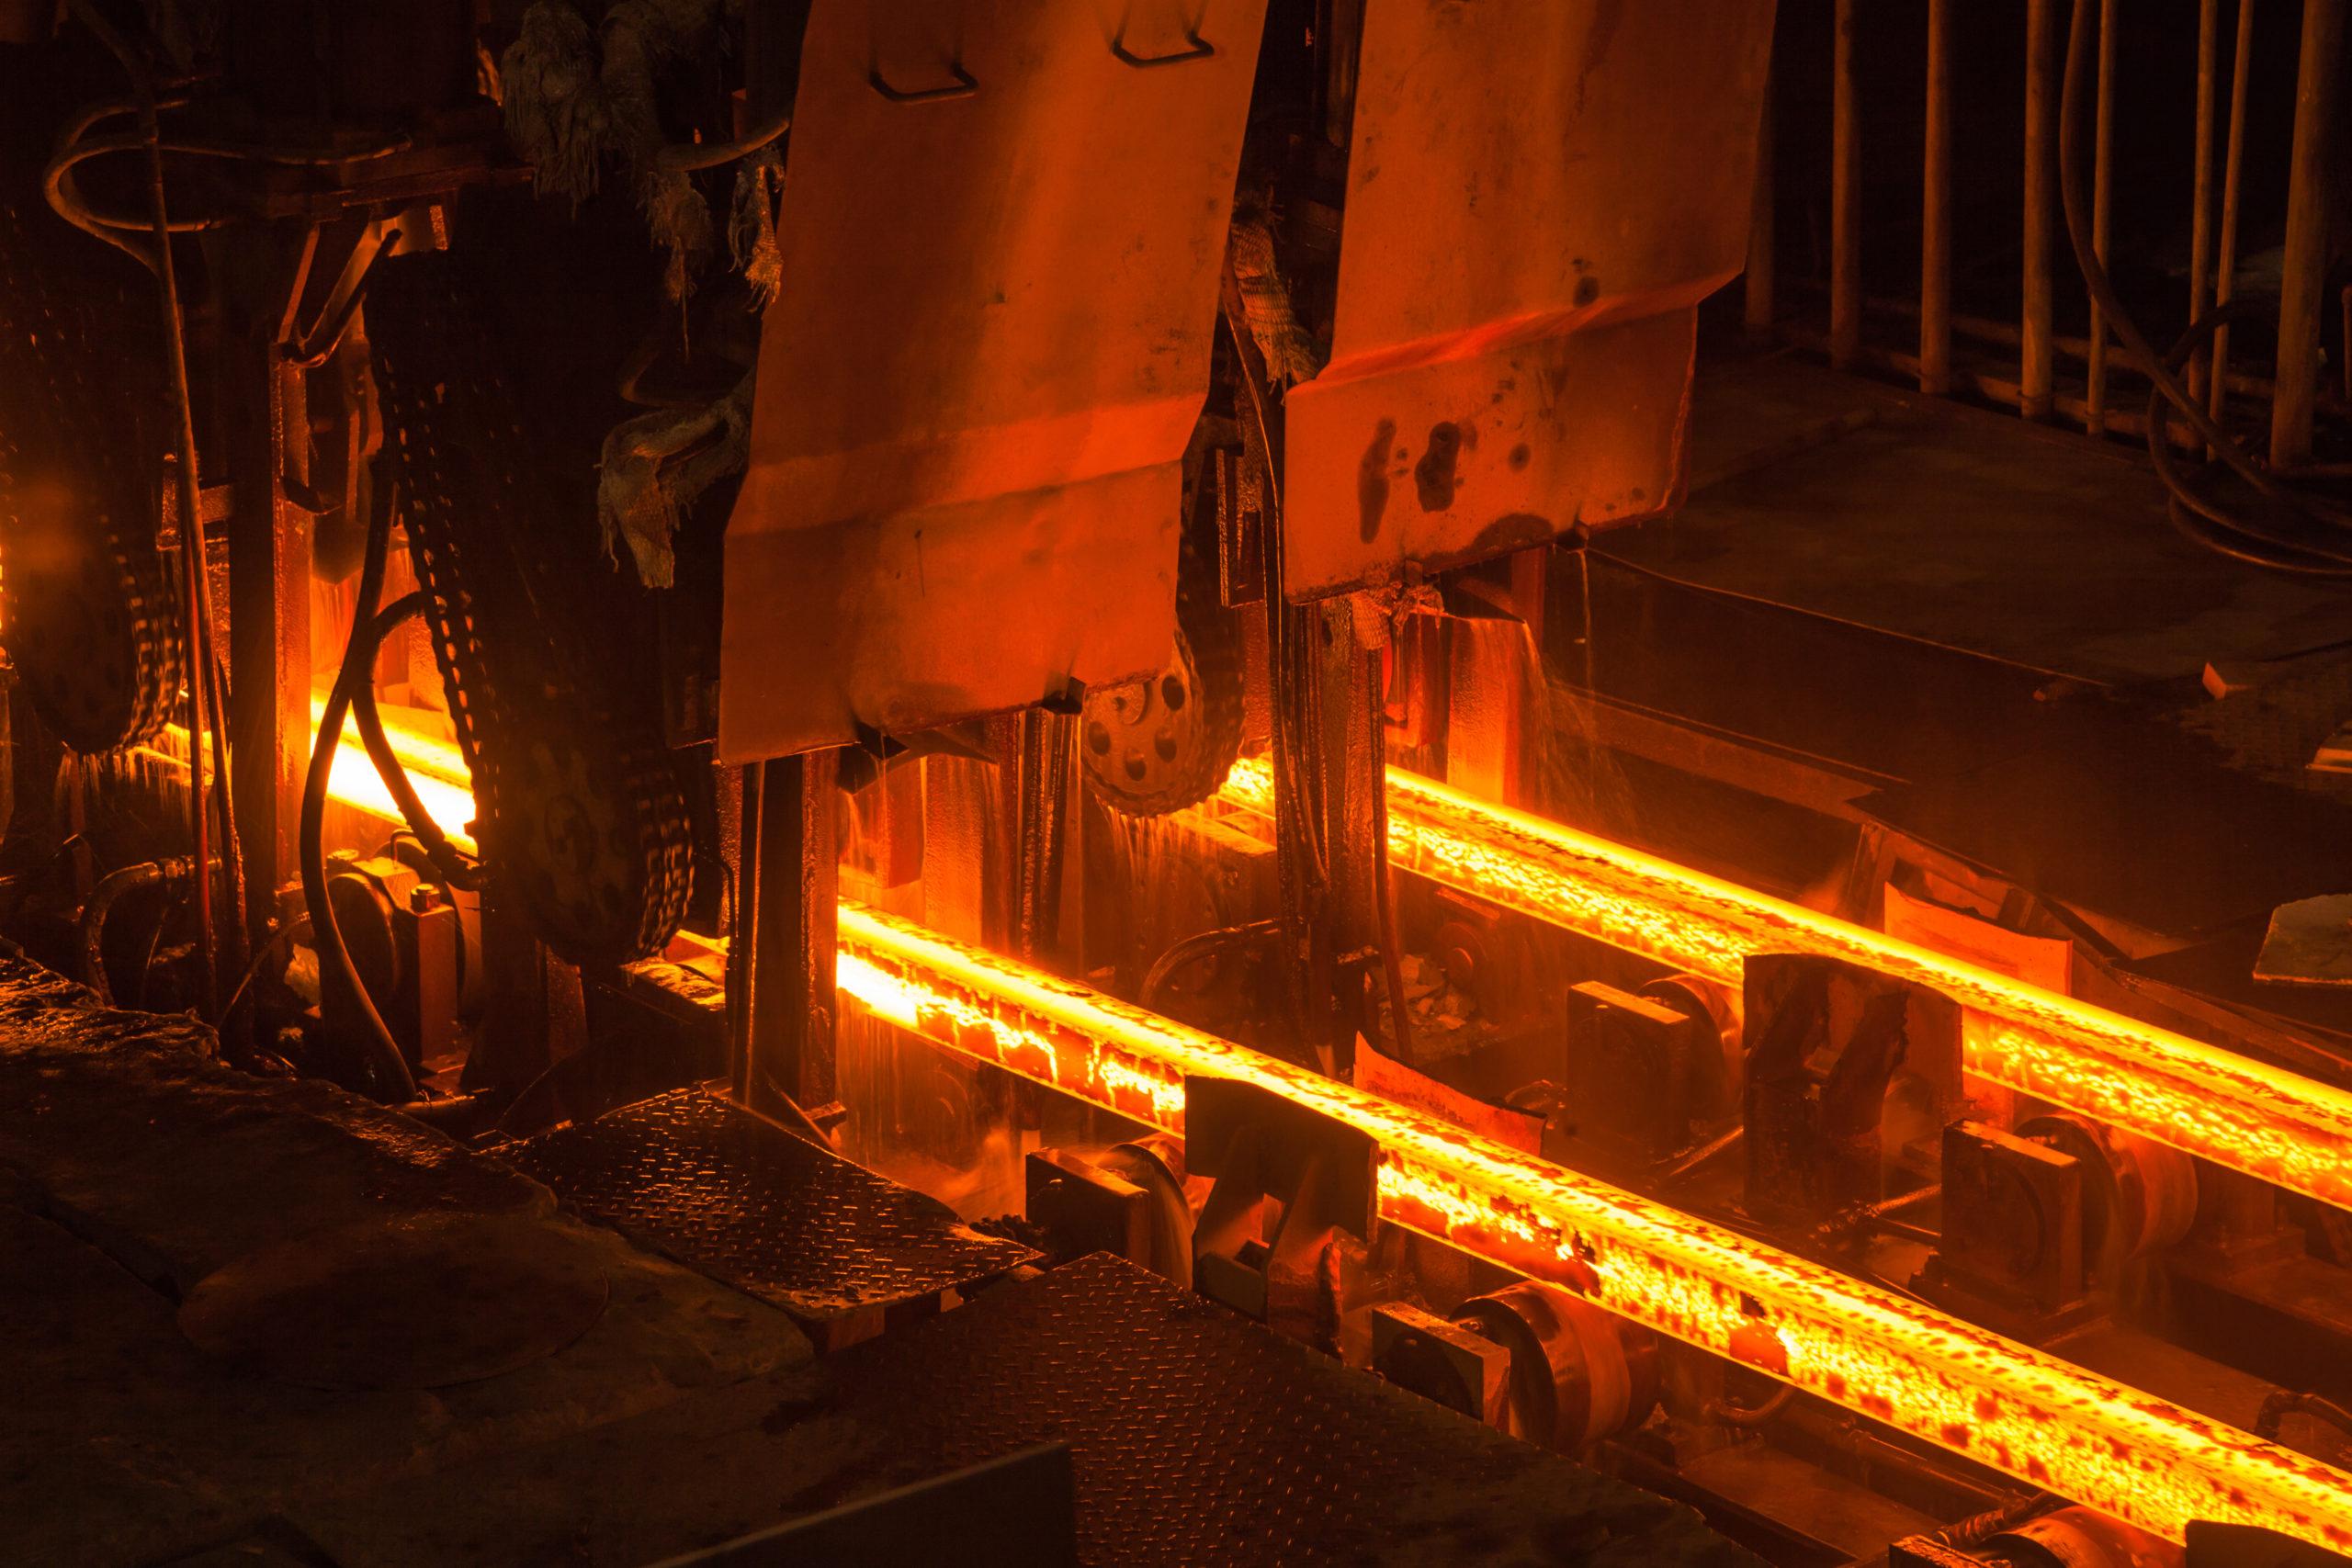 Industria metallurgica –  problemi con grassi che induriscono e bloccano i tubi del impianto centralizzato?